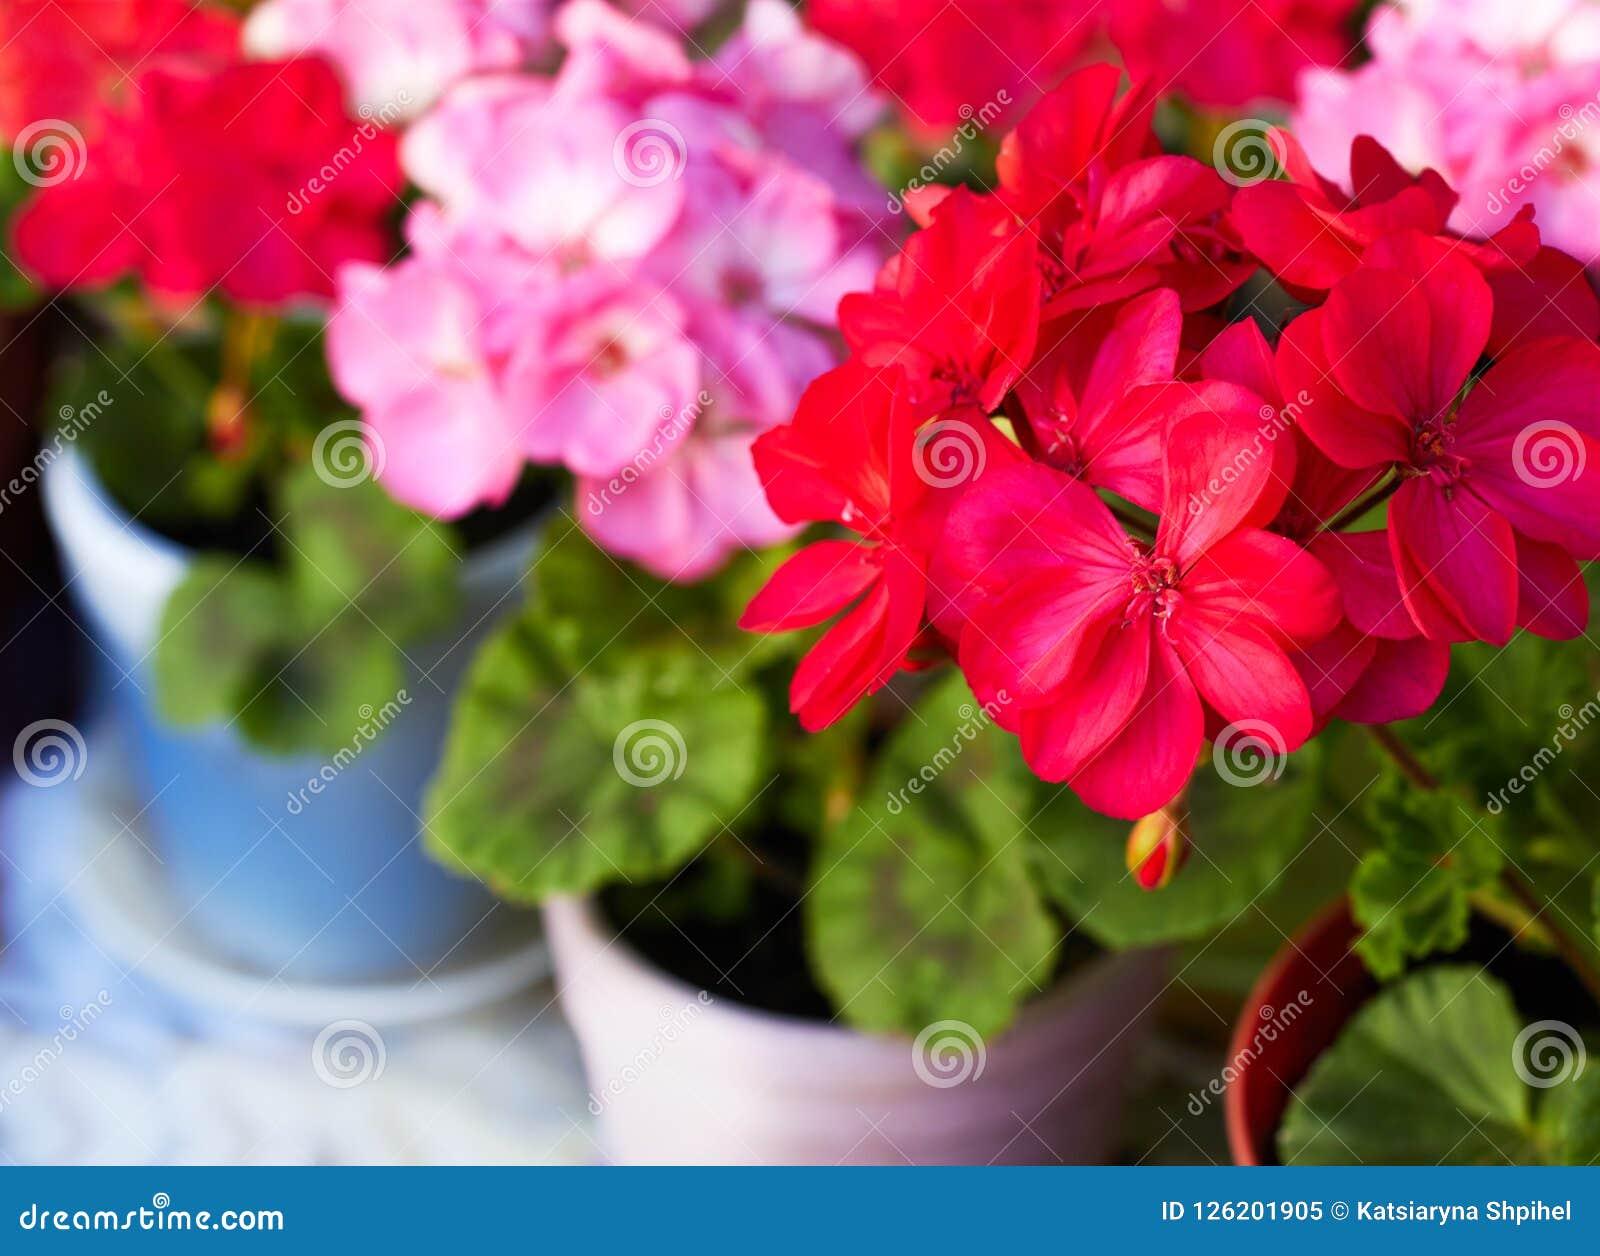 El jardín rojo y rosado del geranio florece en las macetas de la arcilla, macro